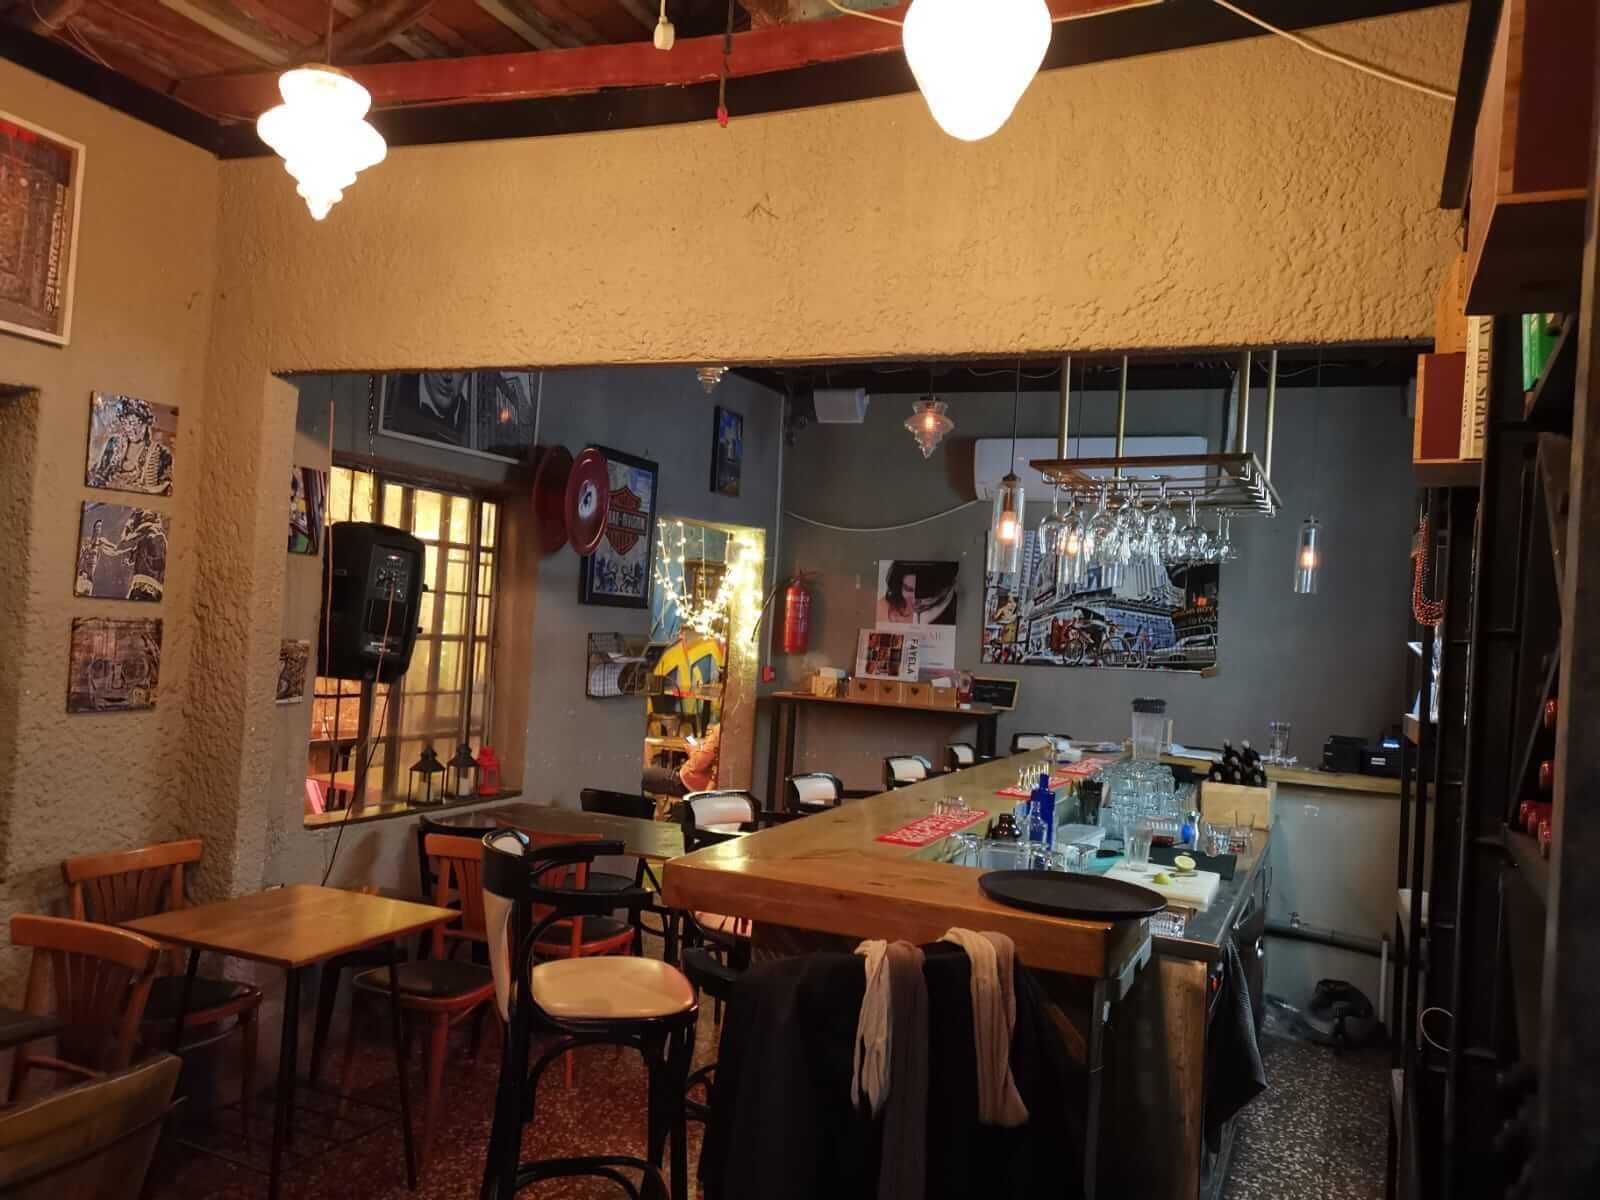 פבלה פלורנטין/ Lounge